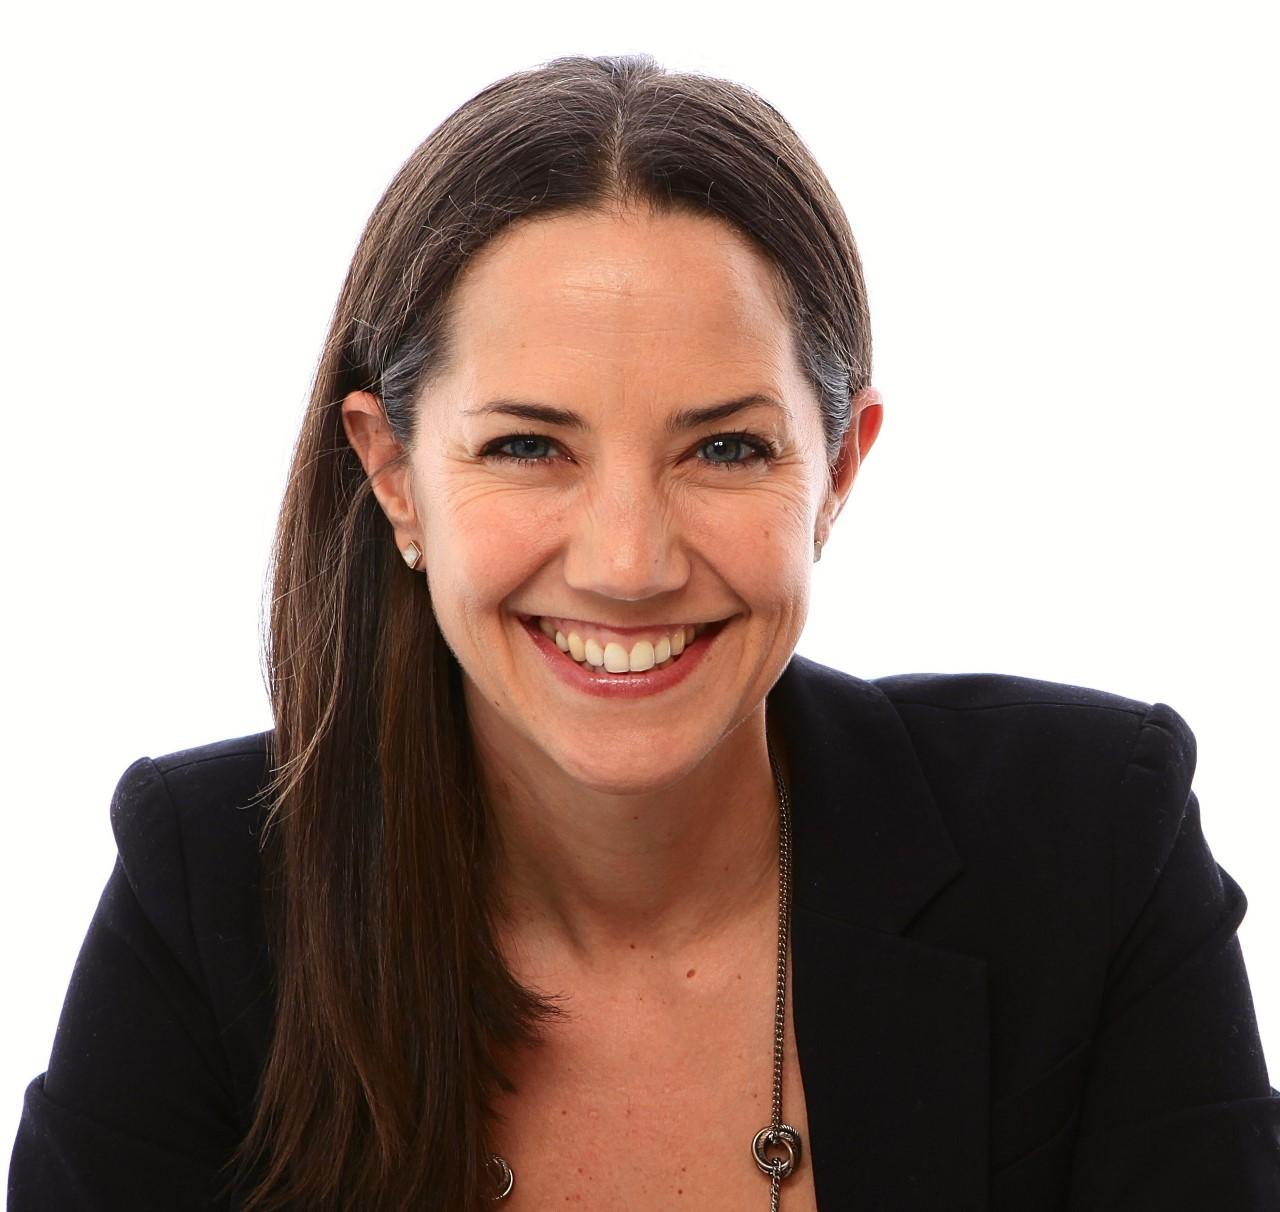 Liz Kokoska